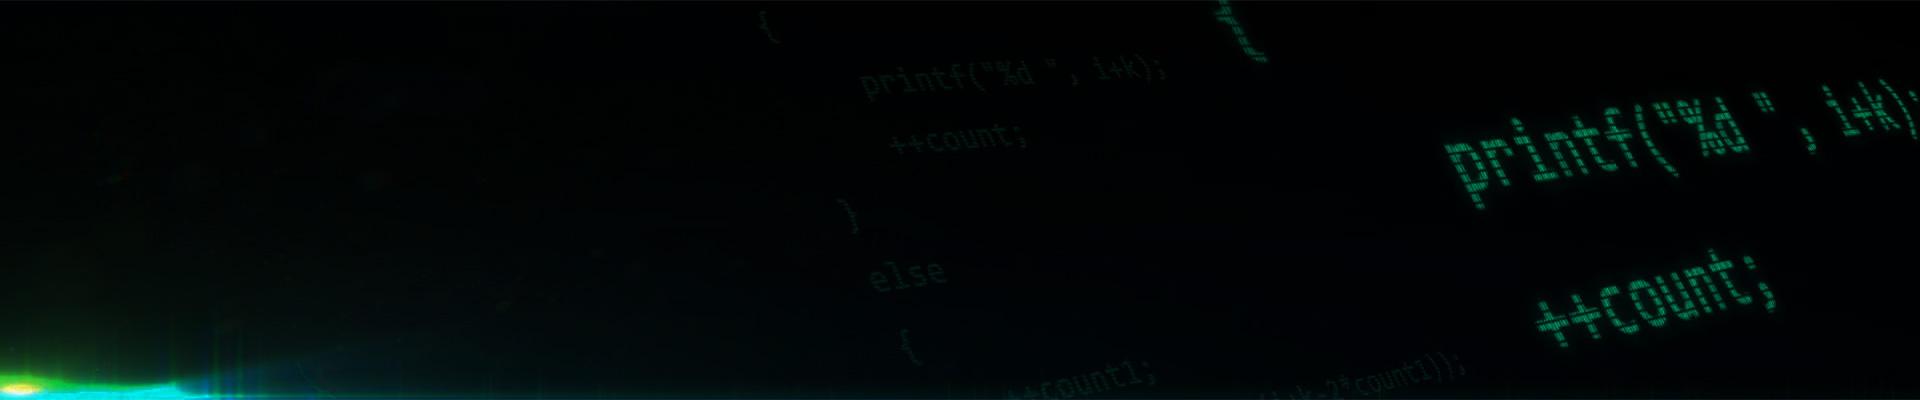 エンタープライズソフトウェア開発